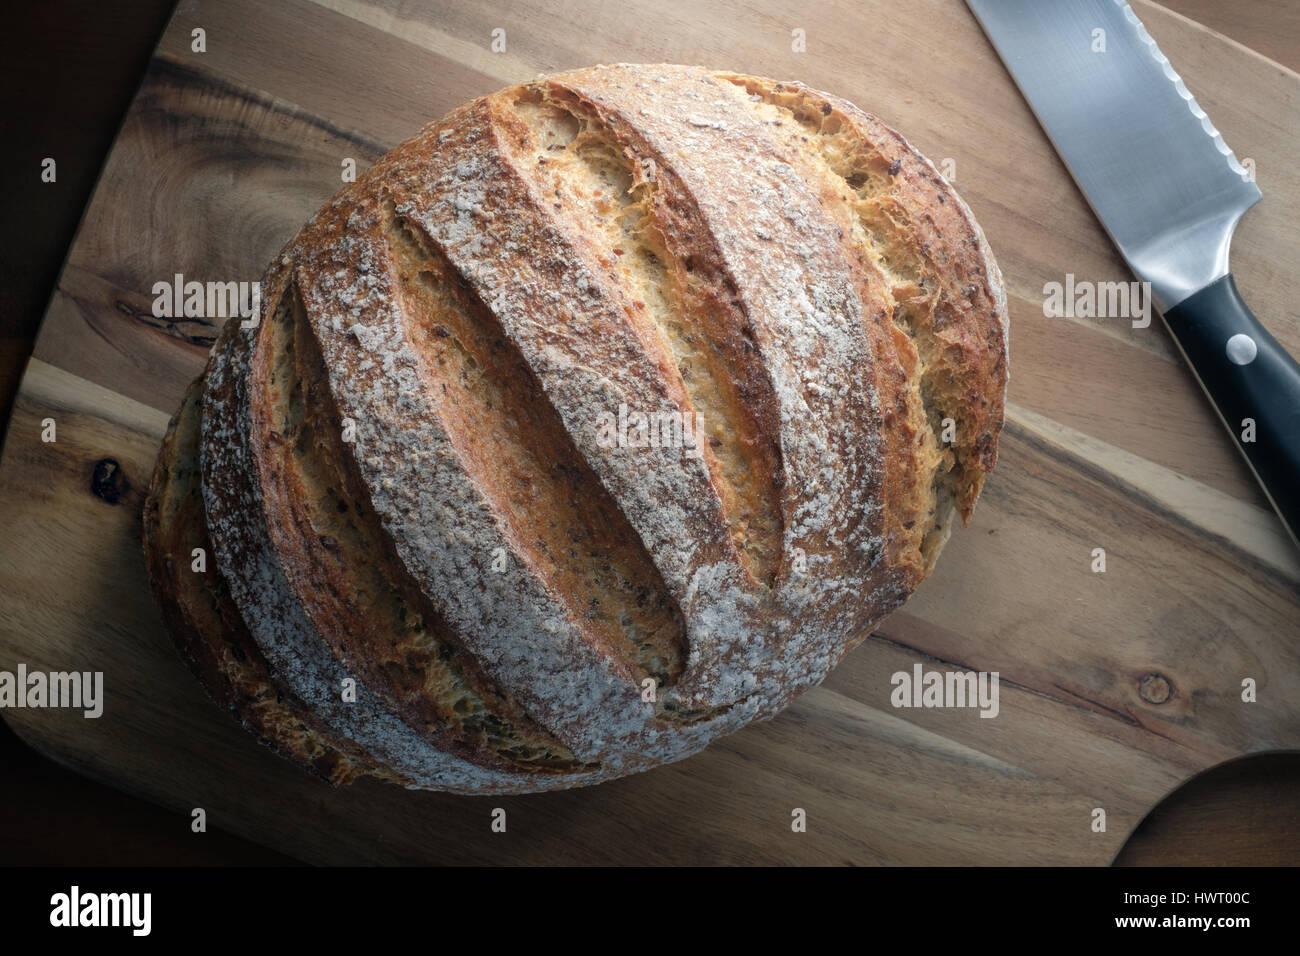 Frischen traditionellen Laib Brot - von oben Stockbild